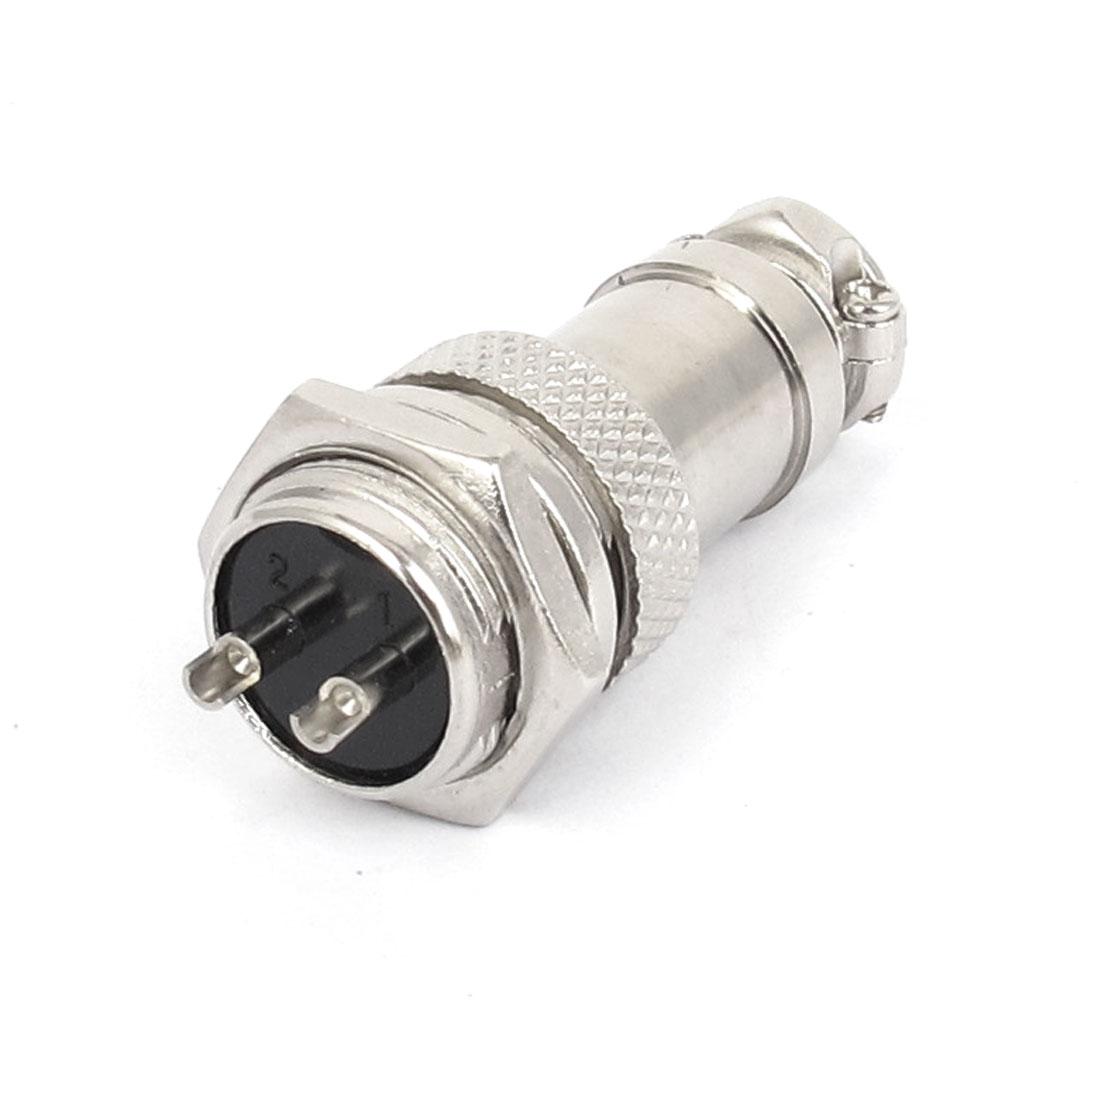 GX16-2 16mm Male Female Metal Aviation Plug Connector 250V 5A